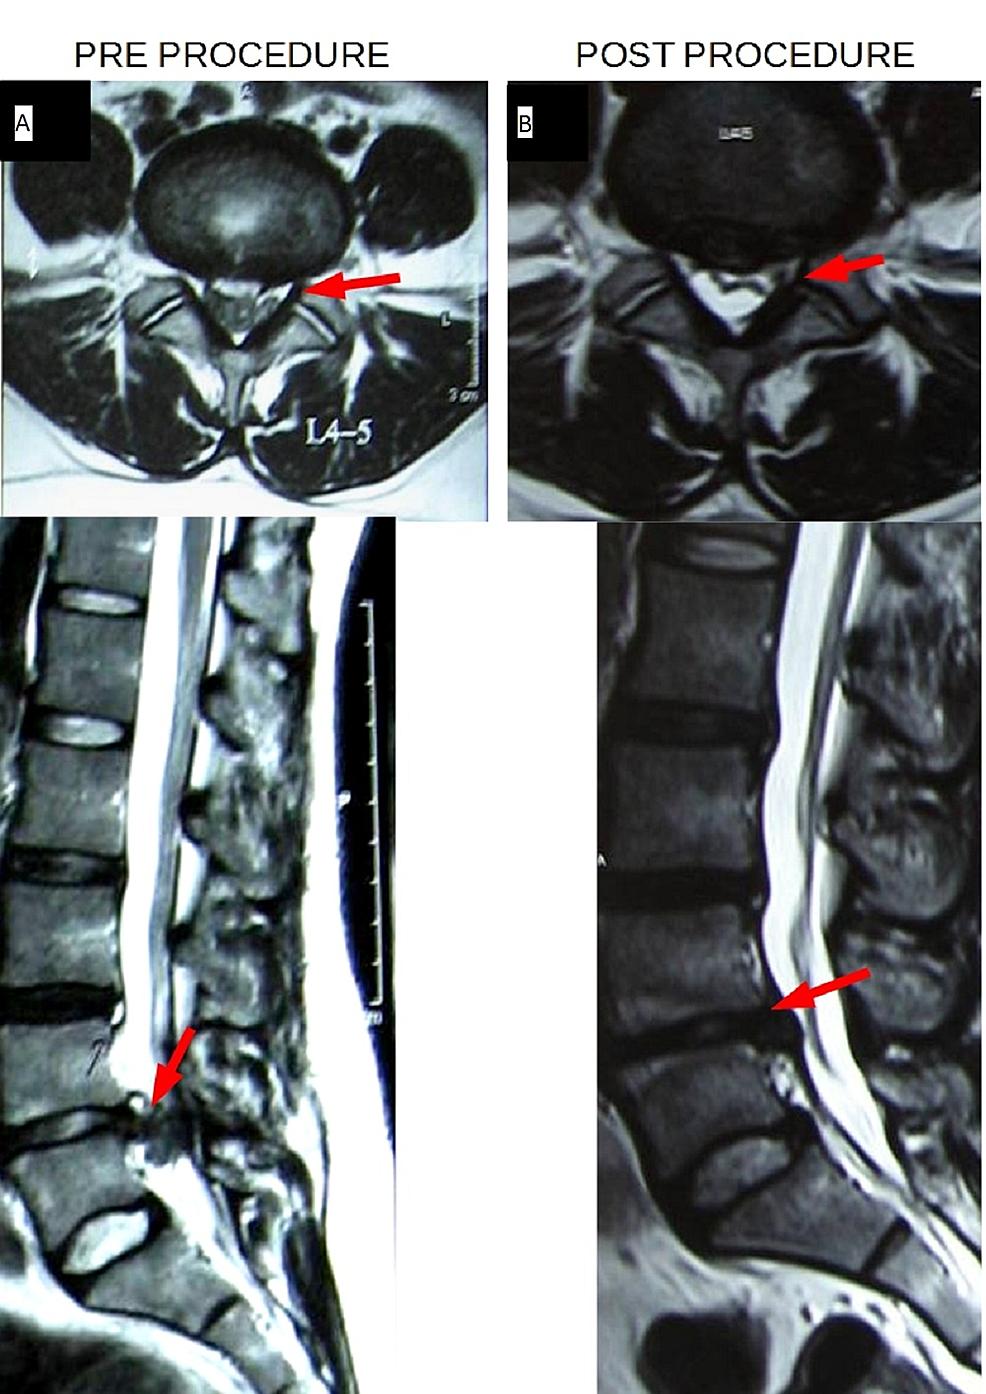 Pre-Procedure-(A)-vs.-Post-Procedure-(B)-Axial-and-Sagittal-T2W-Images